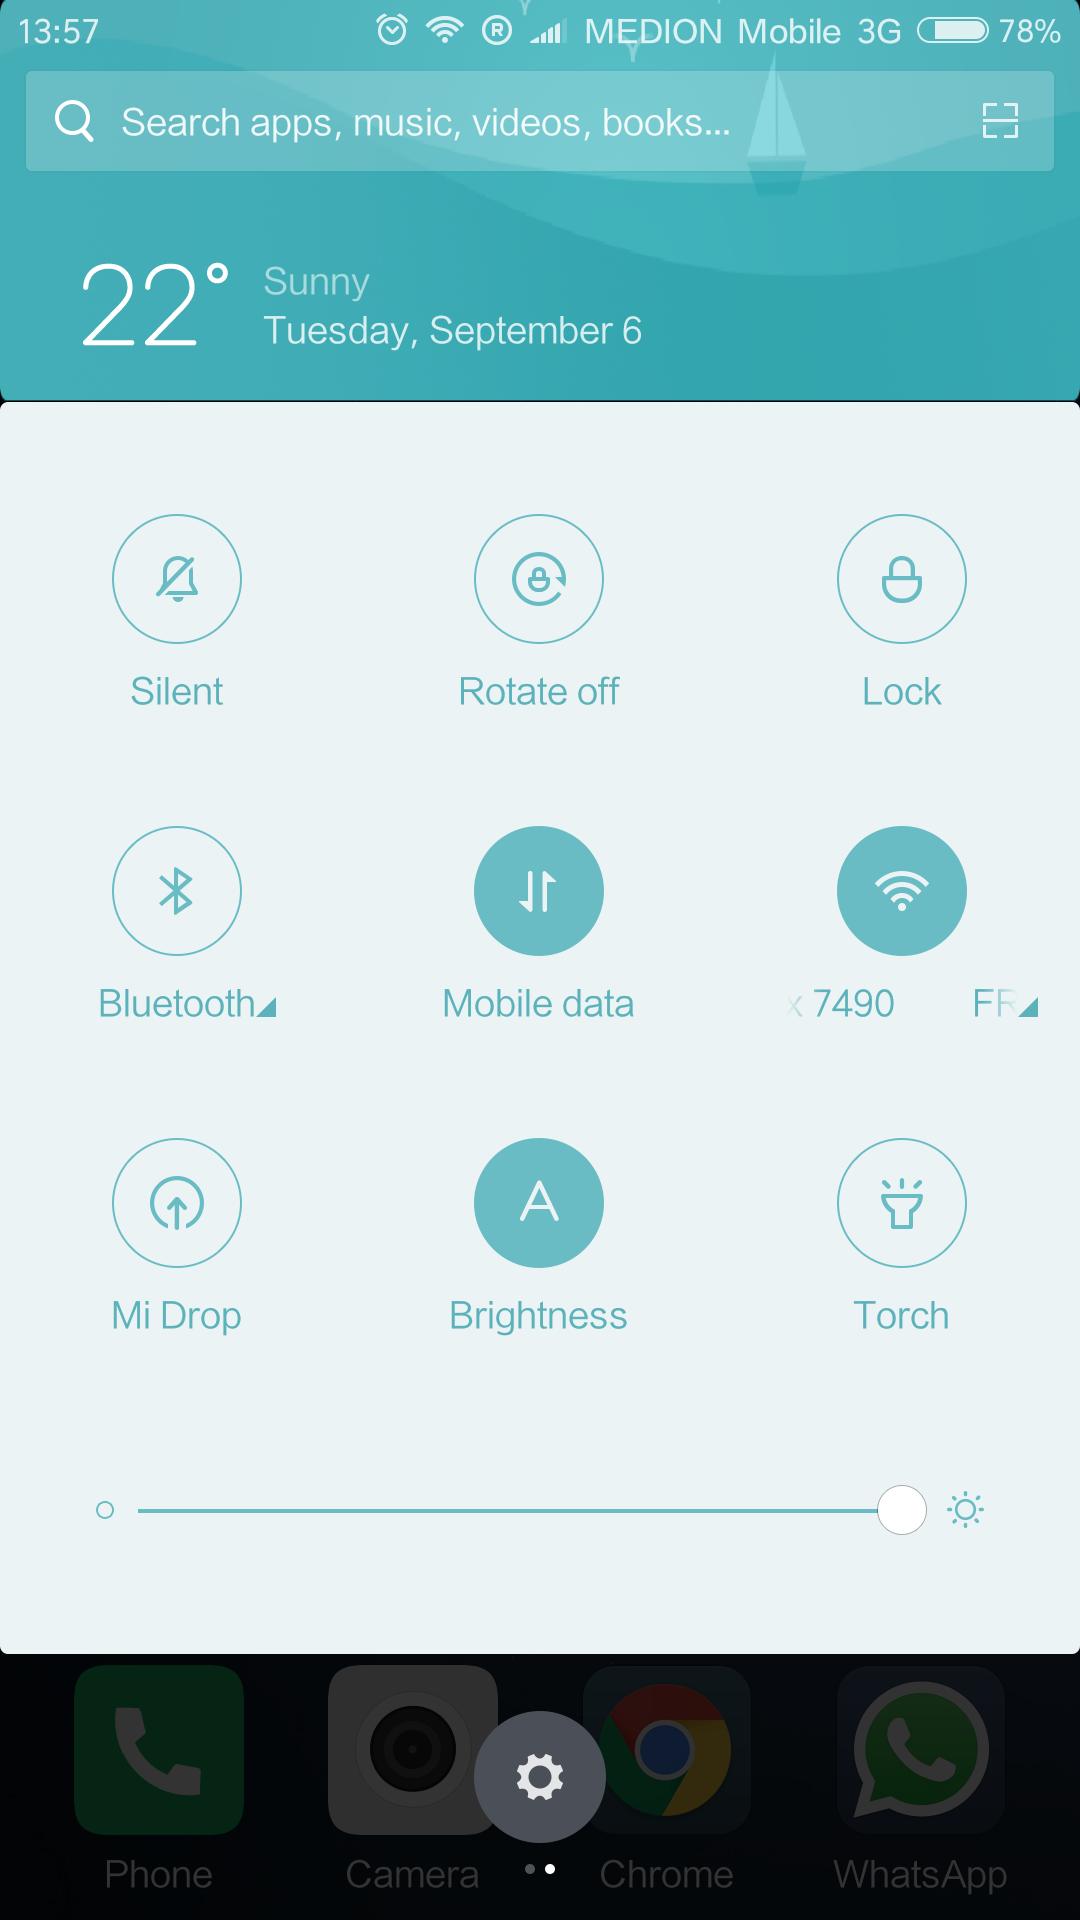 redmi note 4 application location